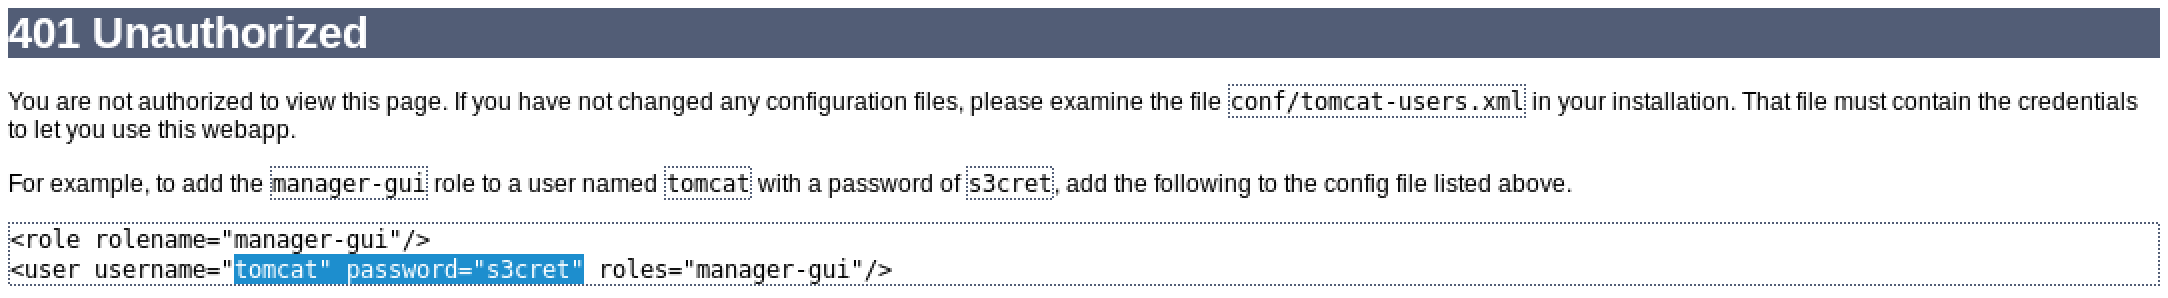 HackTheBox Jerry - Web 401 Error